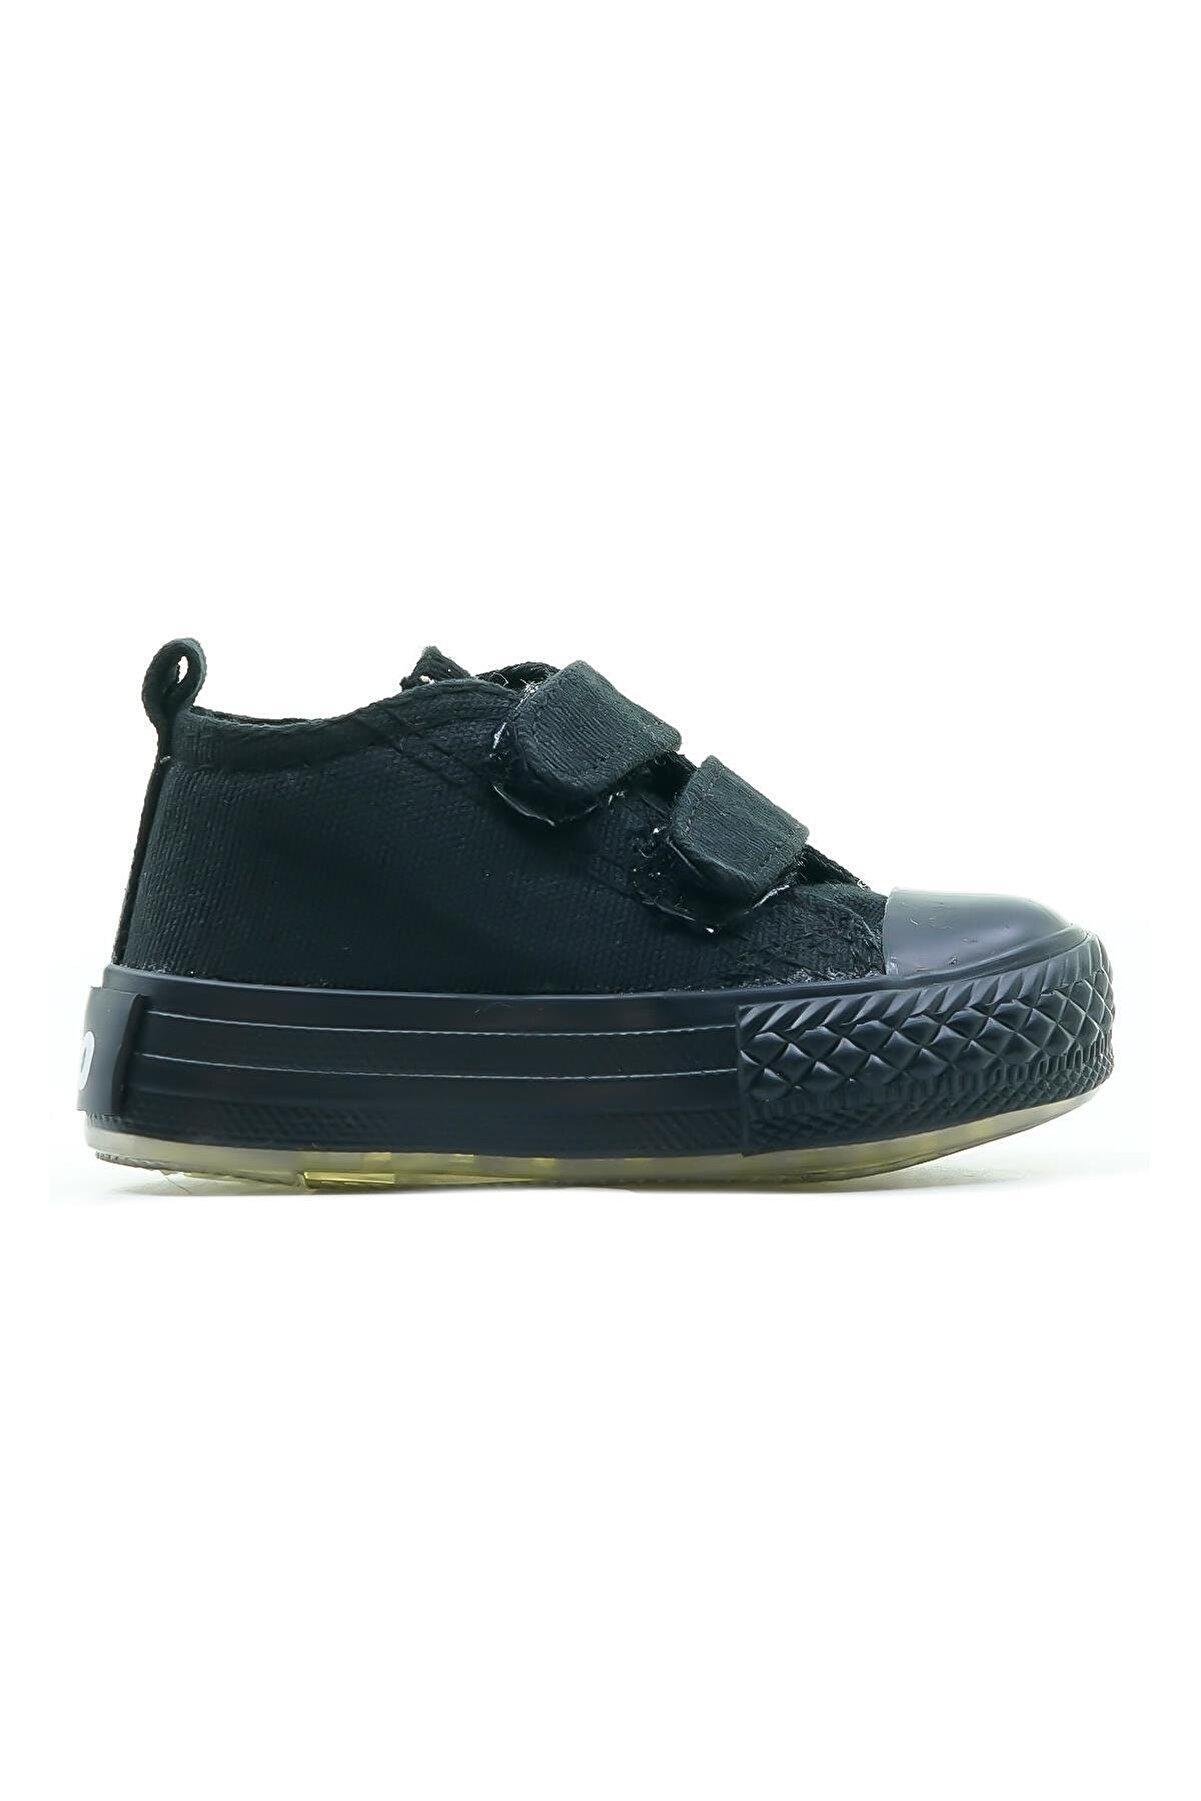 Vicco Pino Unisex Bebe Işıklı Spor Ayakkabı 21y 925.150 Be